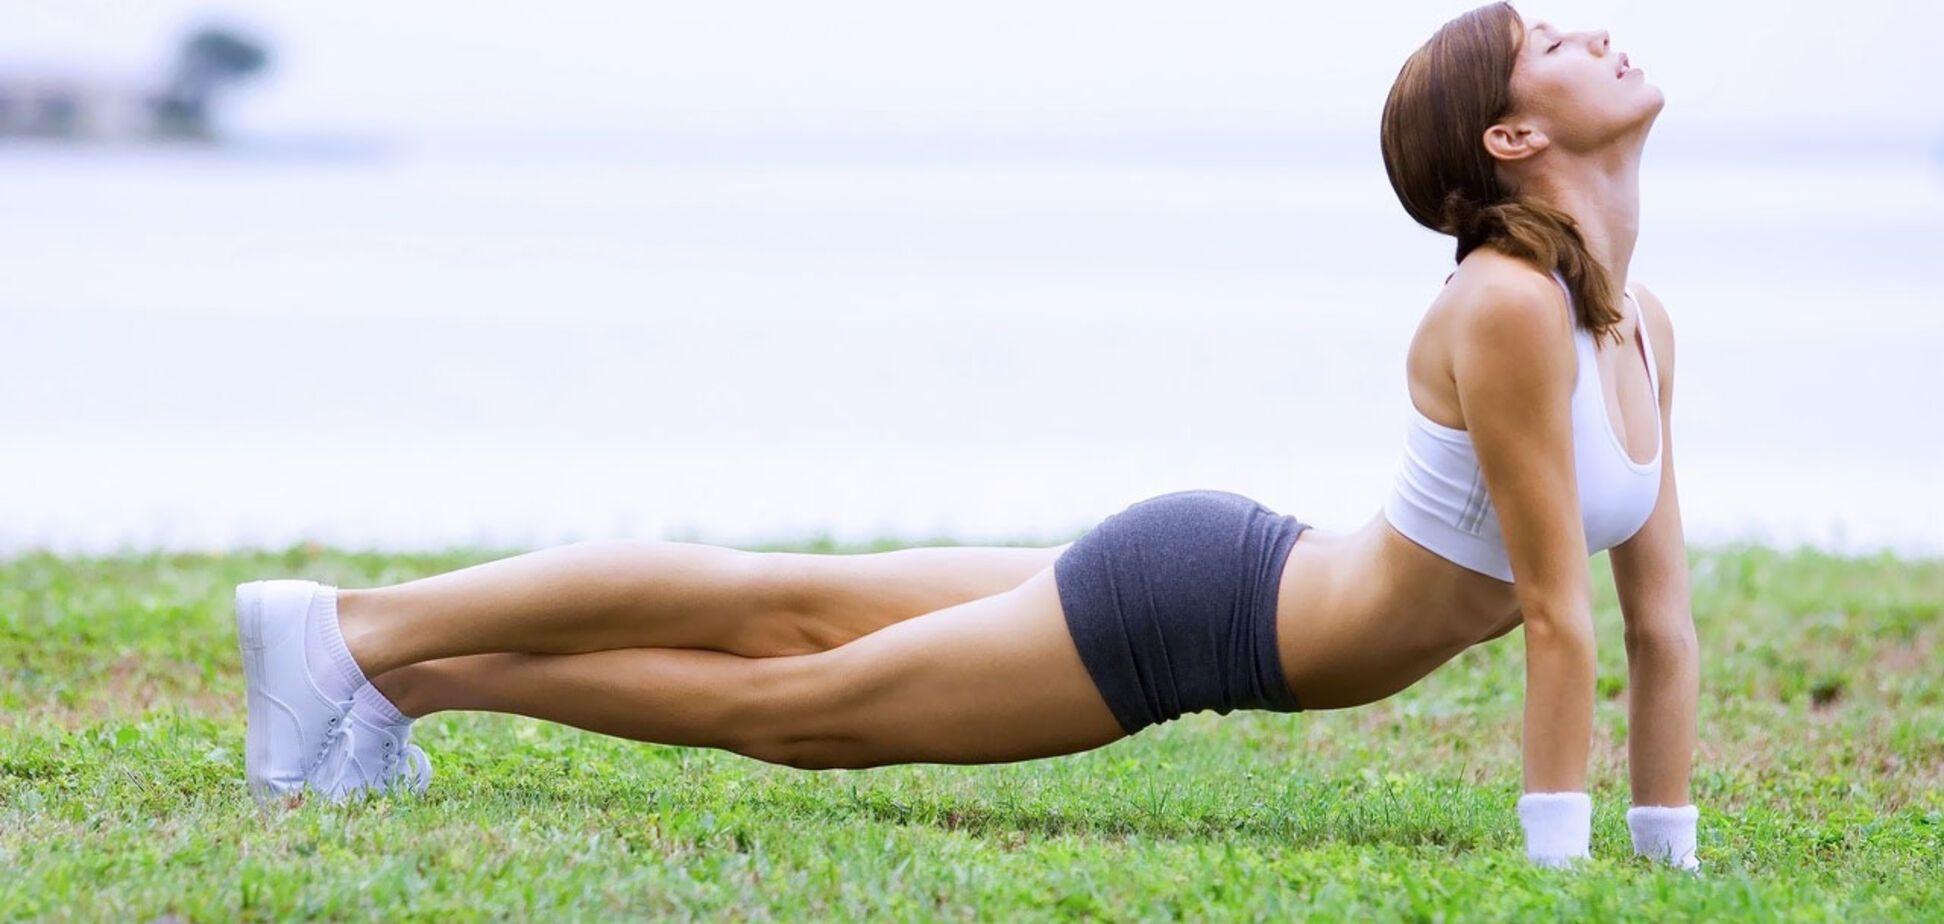 Рух - життя: лікар-ортопед дав поради про збереження здорових суглобів